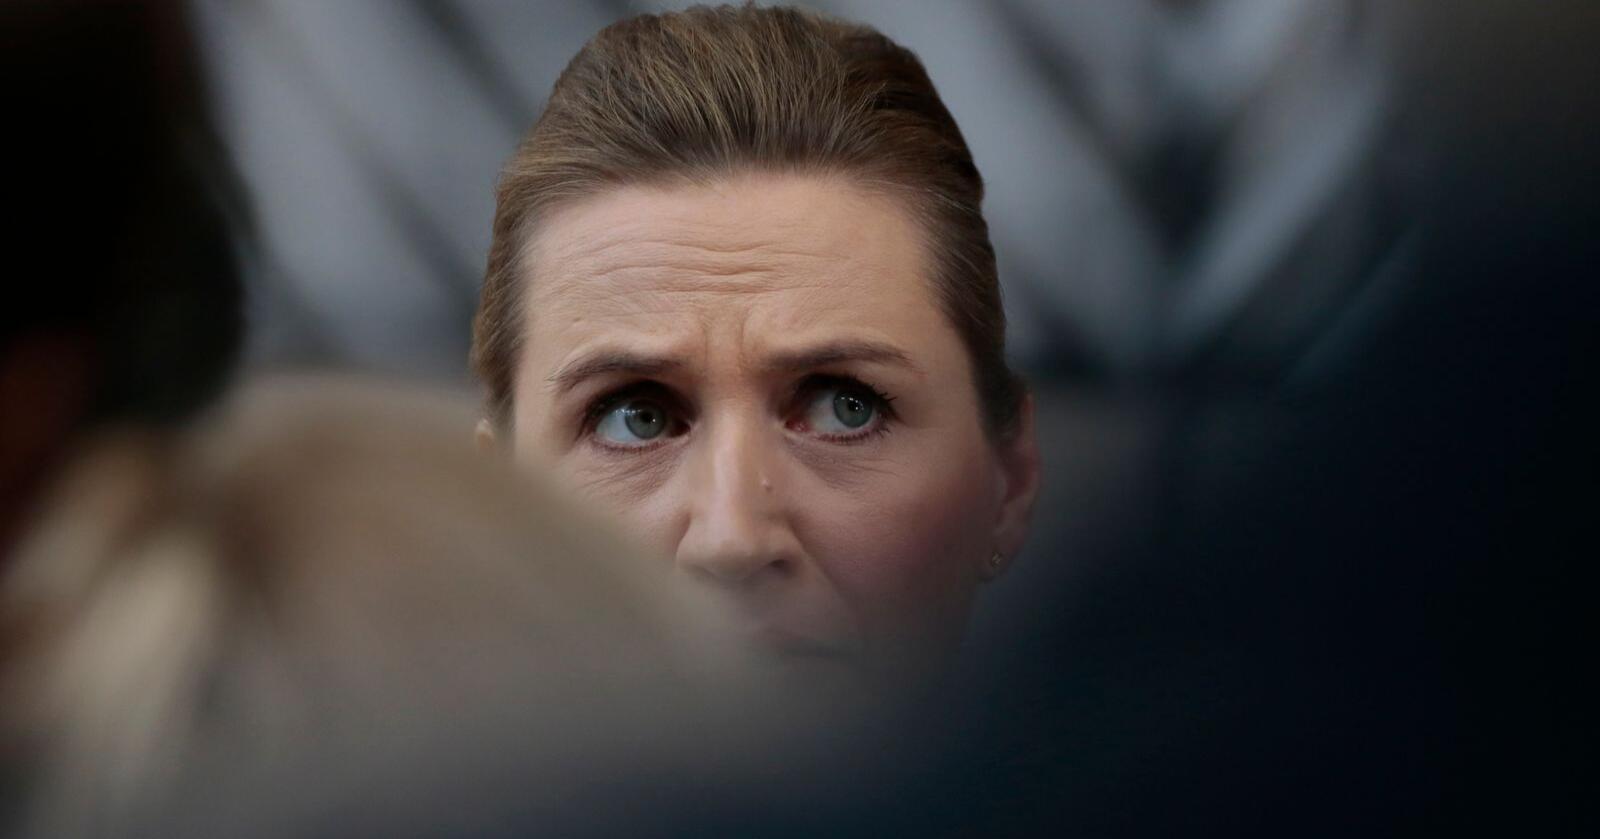 Danmarks statsminister Mette Frederiksen (S) snakket med pressekorpset før dag to av EUs budsjettoppmøte fredag. Foto: Virginia Mayo / AP / NTB scanpix